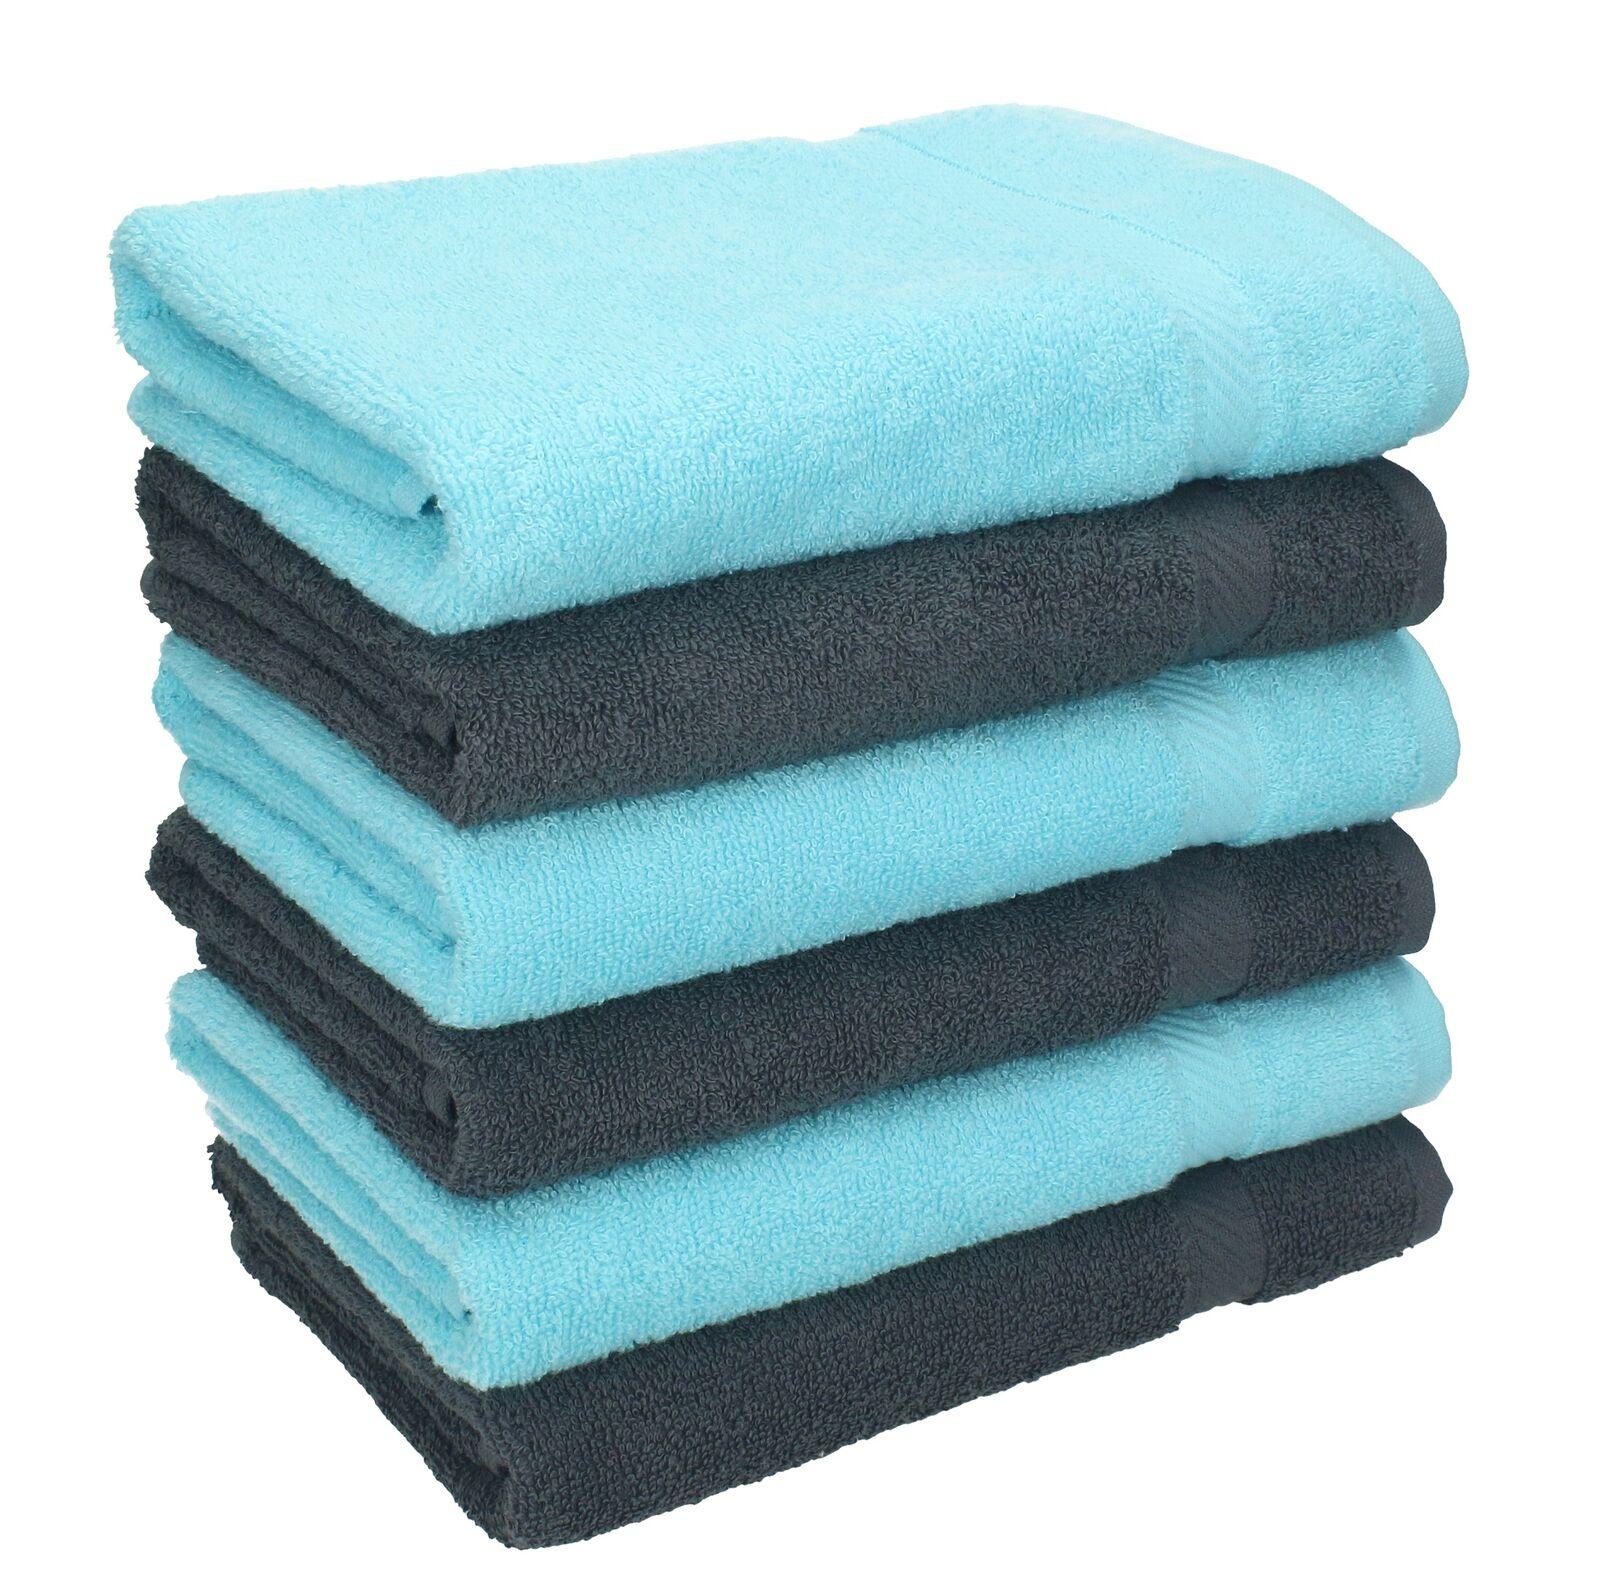 Betz 6 Stück Handtücher PALERMO 100% Baumwolle Handtuch-Set anthrazit und türkis